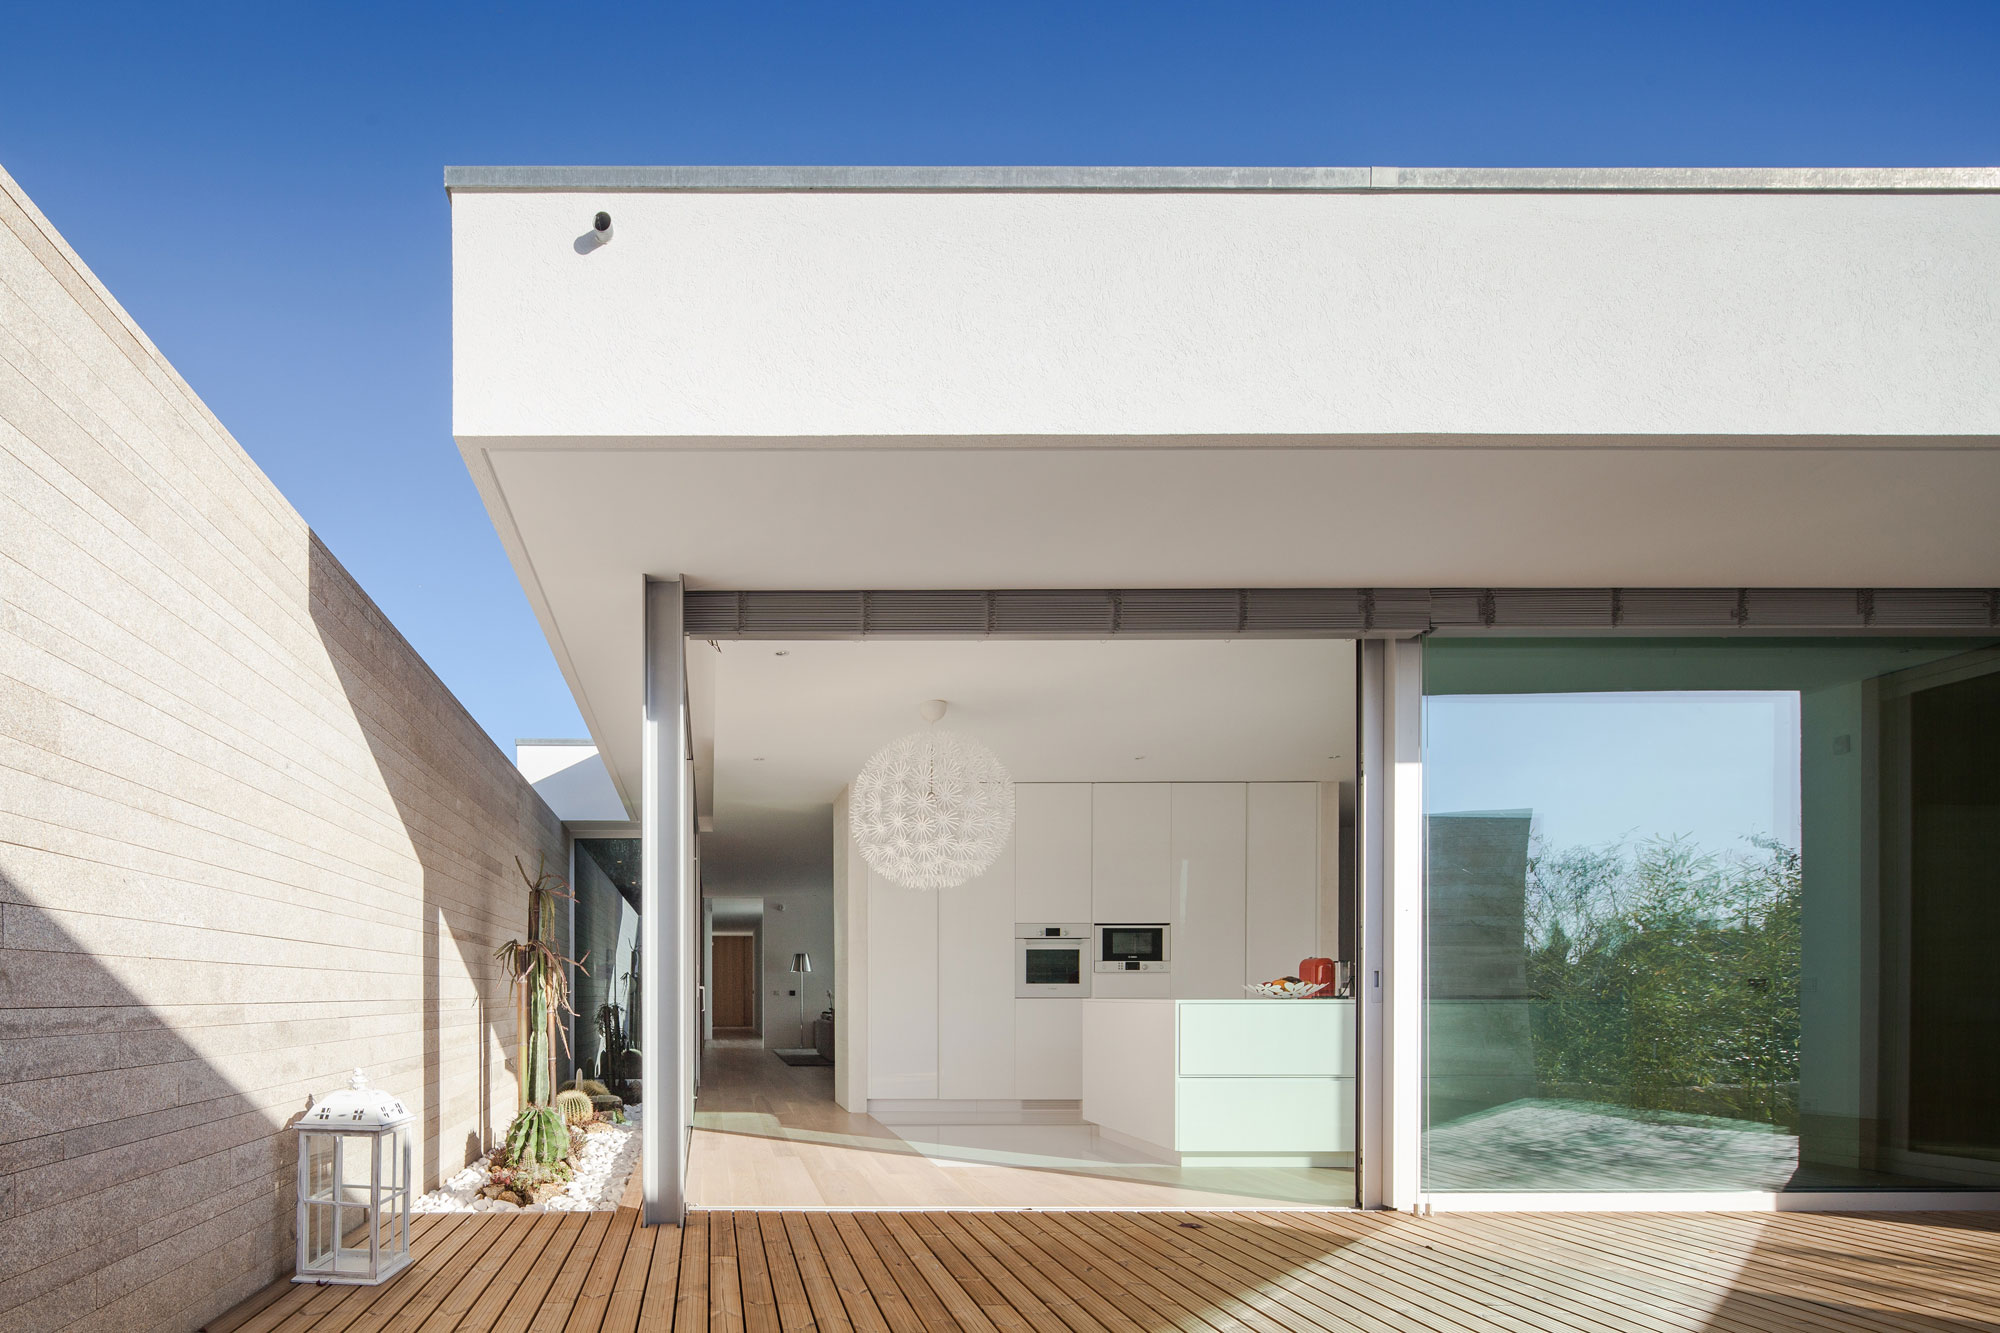 Milhundos House by Graciana Oliveira (4)